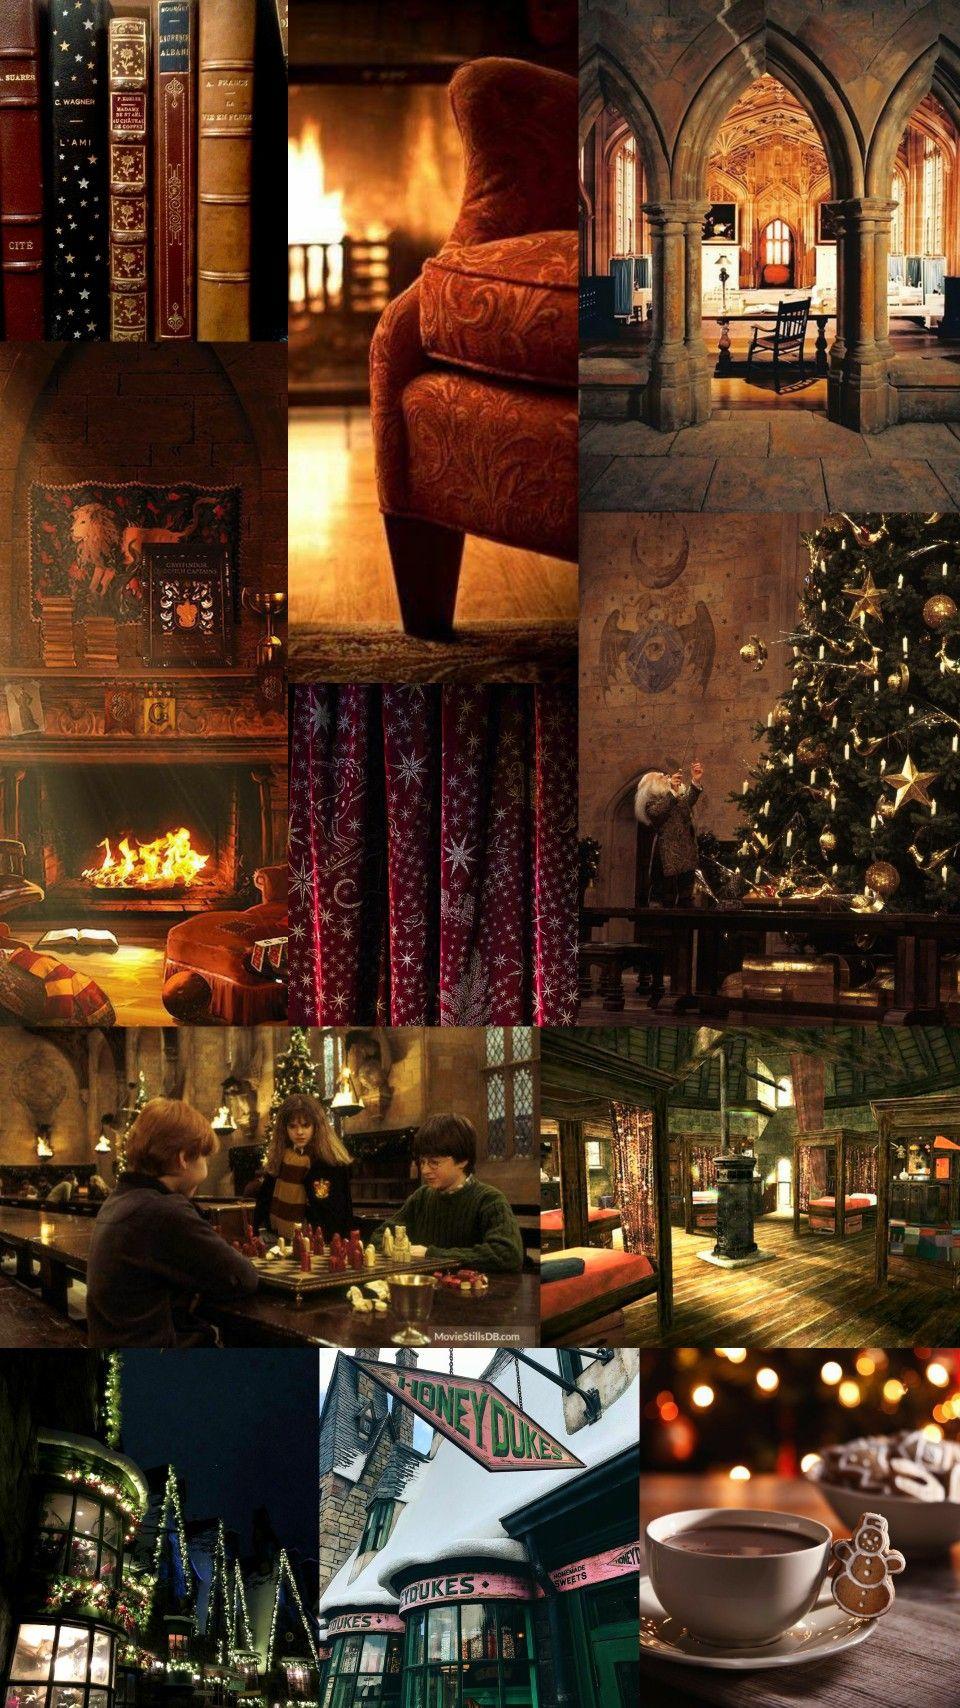 Harry Potter Christmas Winter Aesthetic Harry Potter Wallpaper Hogwarts Christmas Harry Potter Iphone Wallpaper